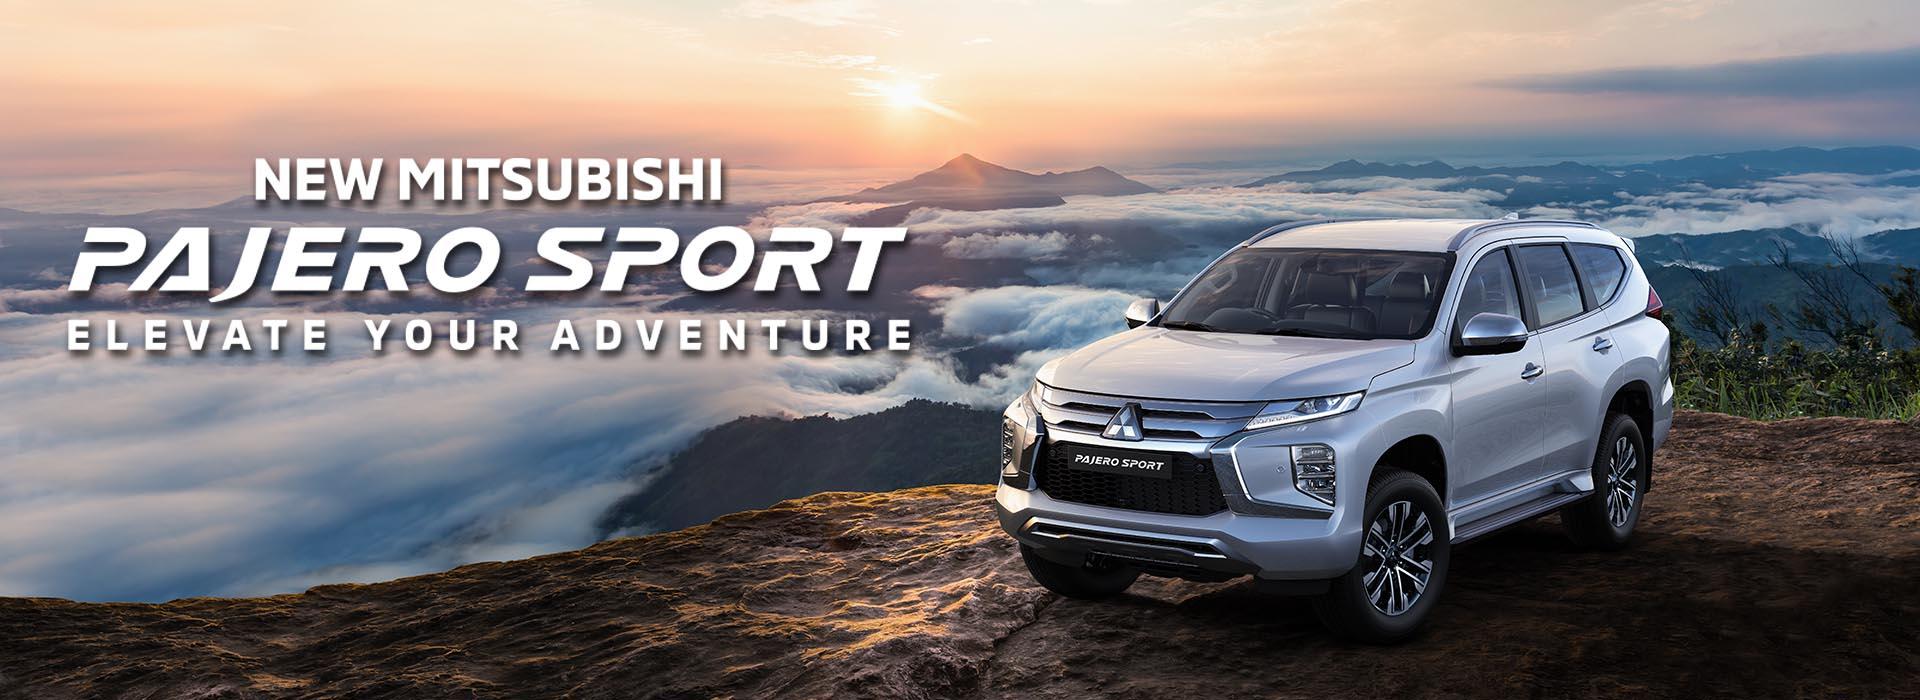 Mitsubishi Pajero Sport For Sale